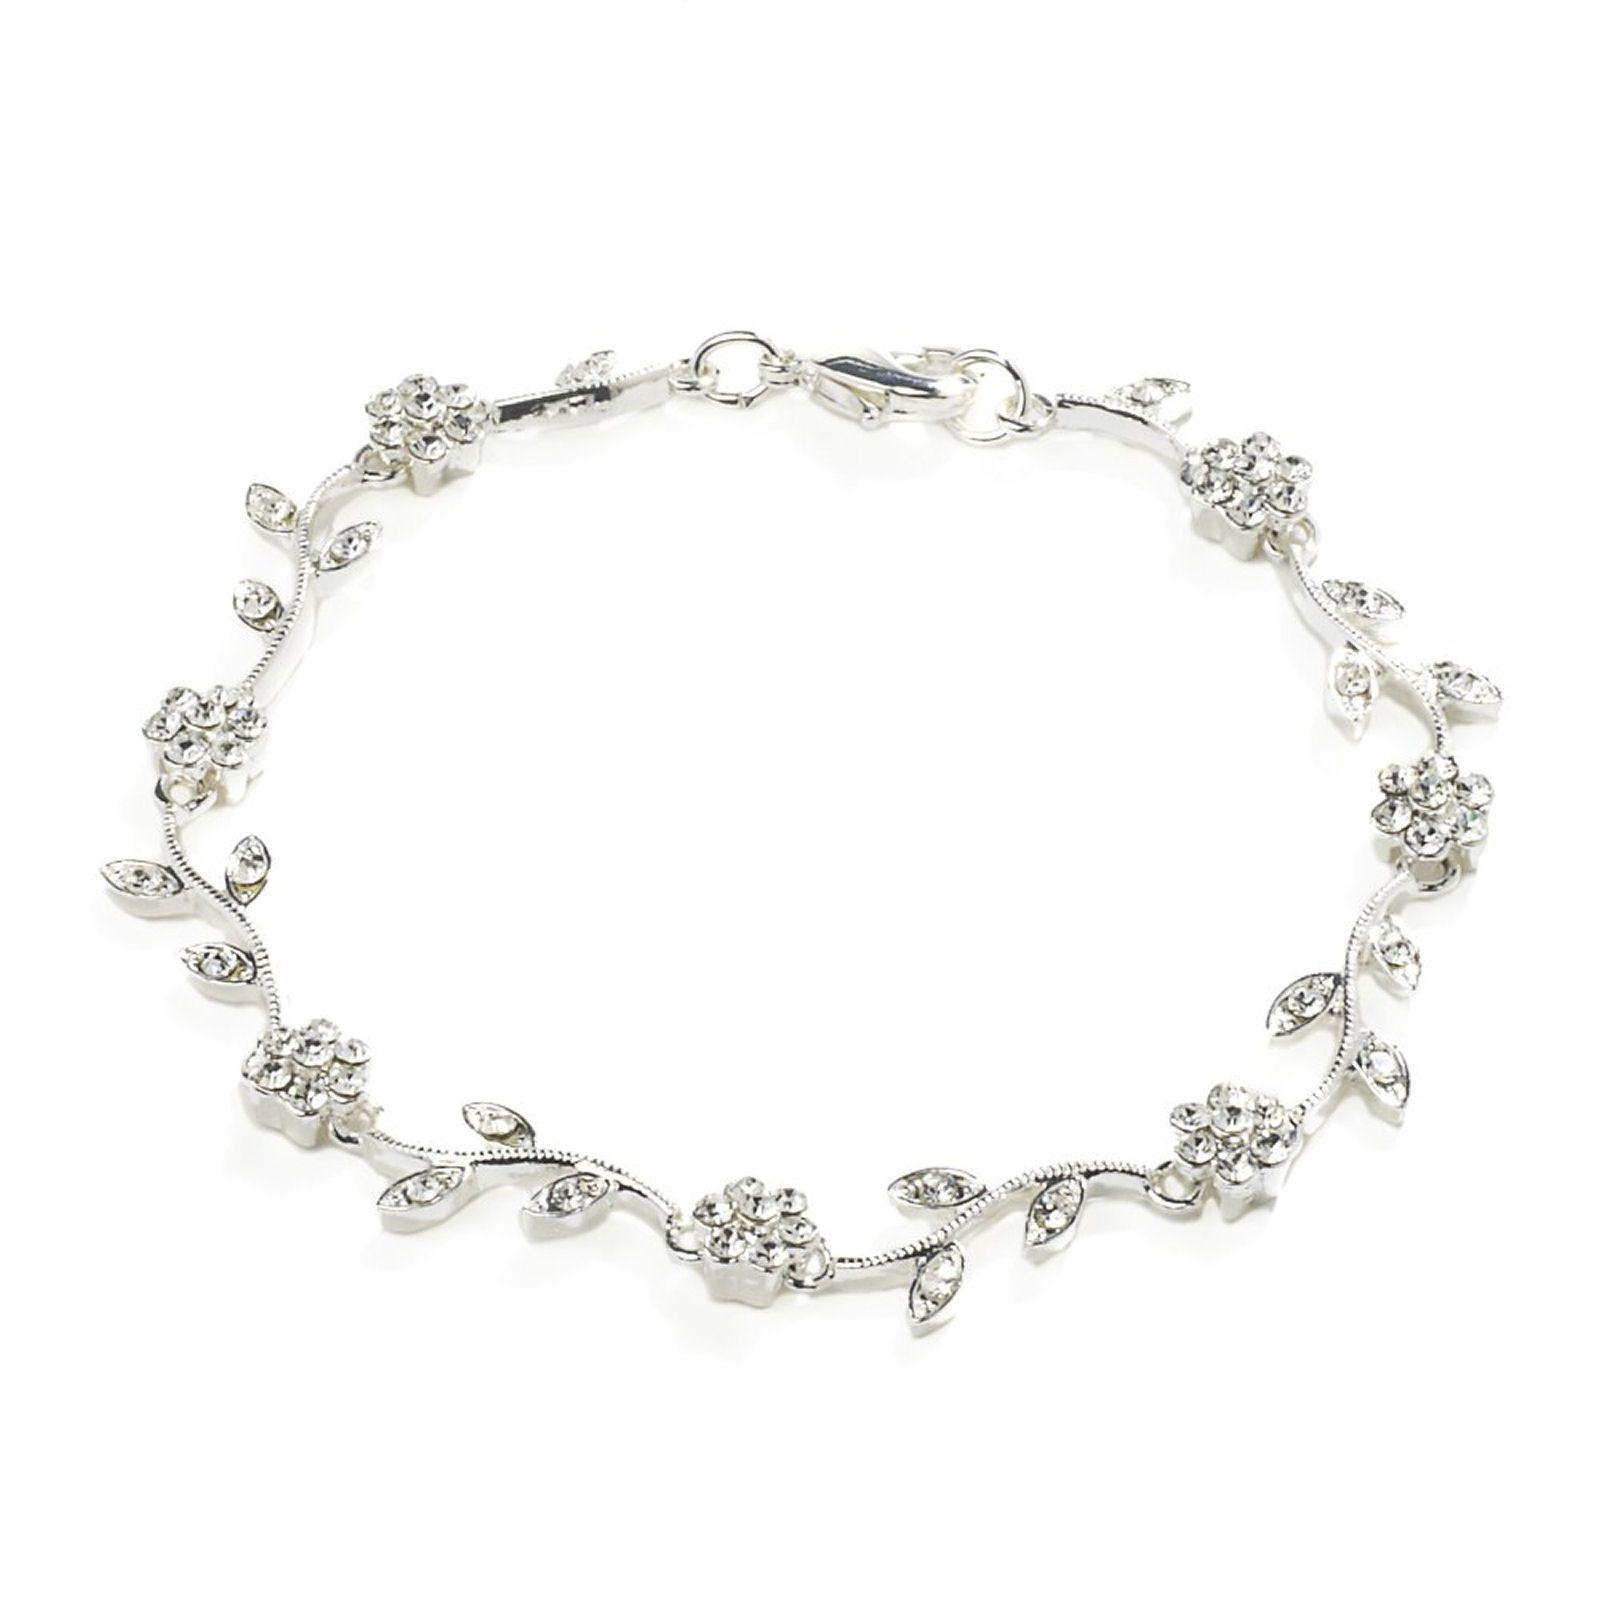 Vine Bracelet From Jon Richard Jewellery Wedding Bracelet Jewelry Evening Jewelry